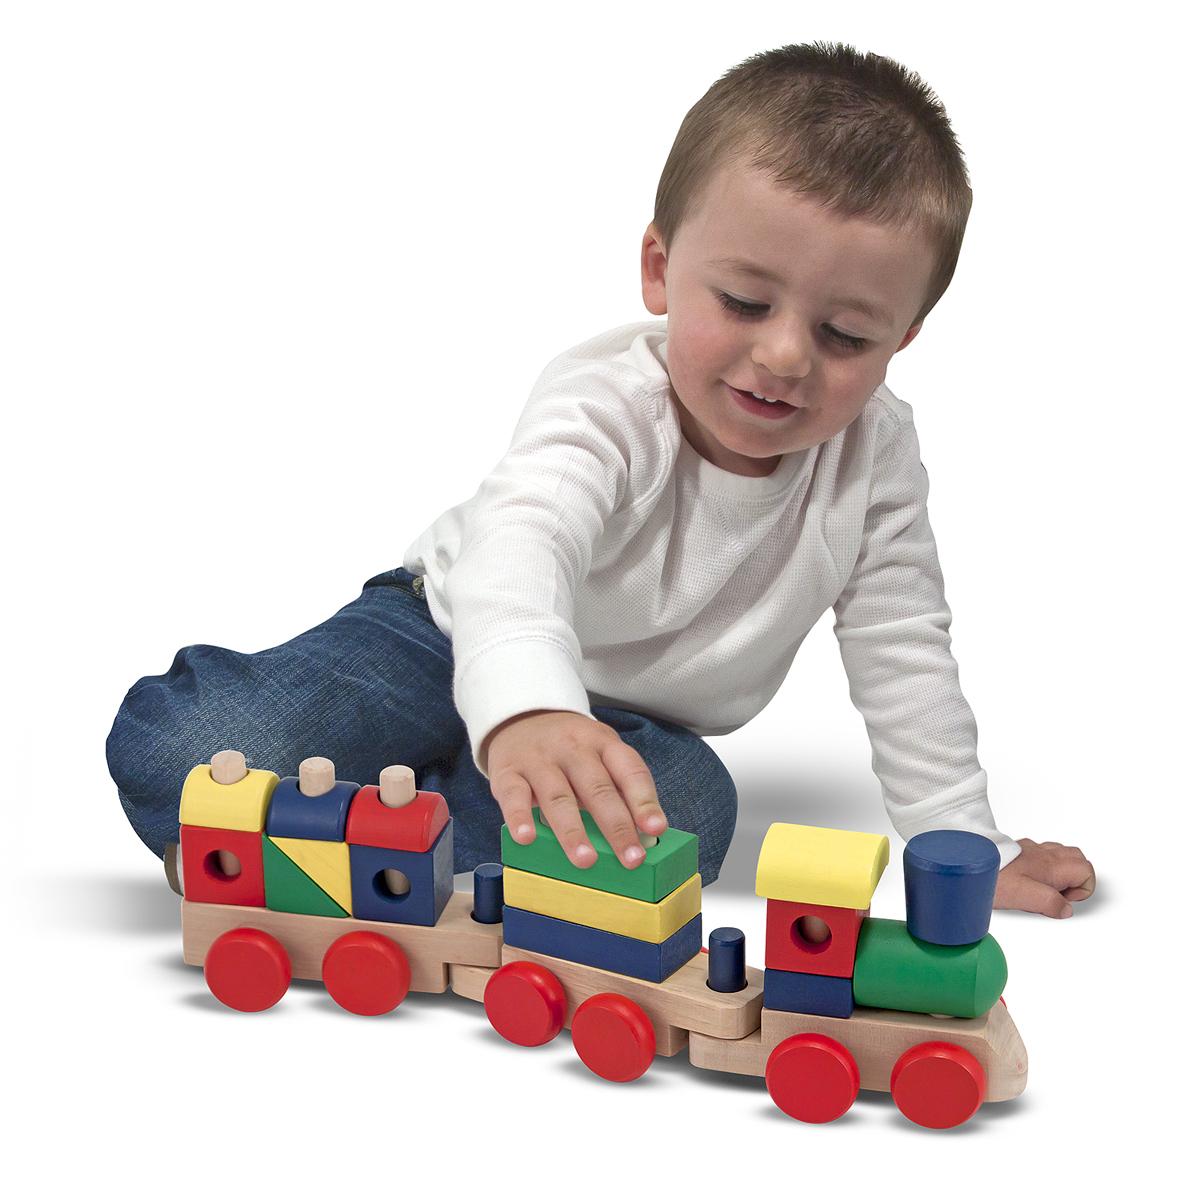 Đồ chơi mô hình bằng gỗ cho bé